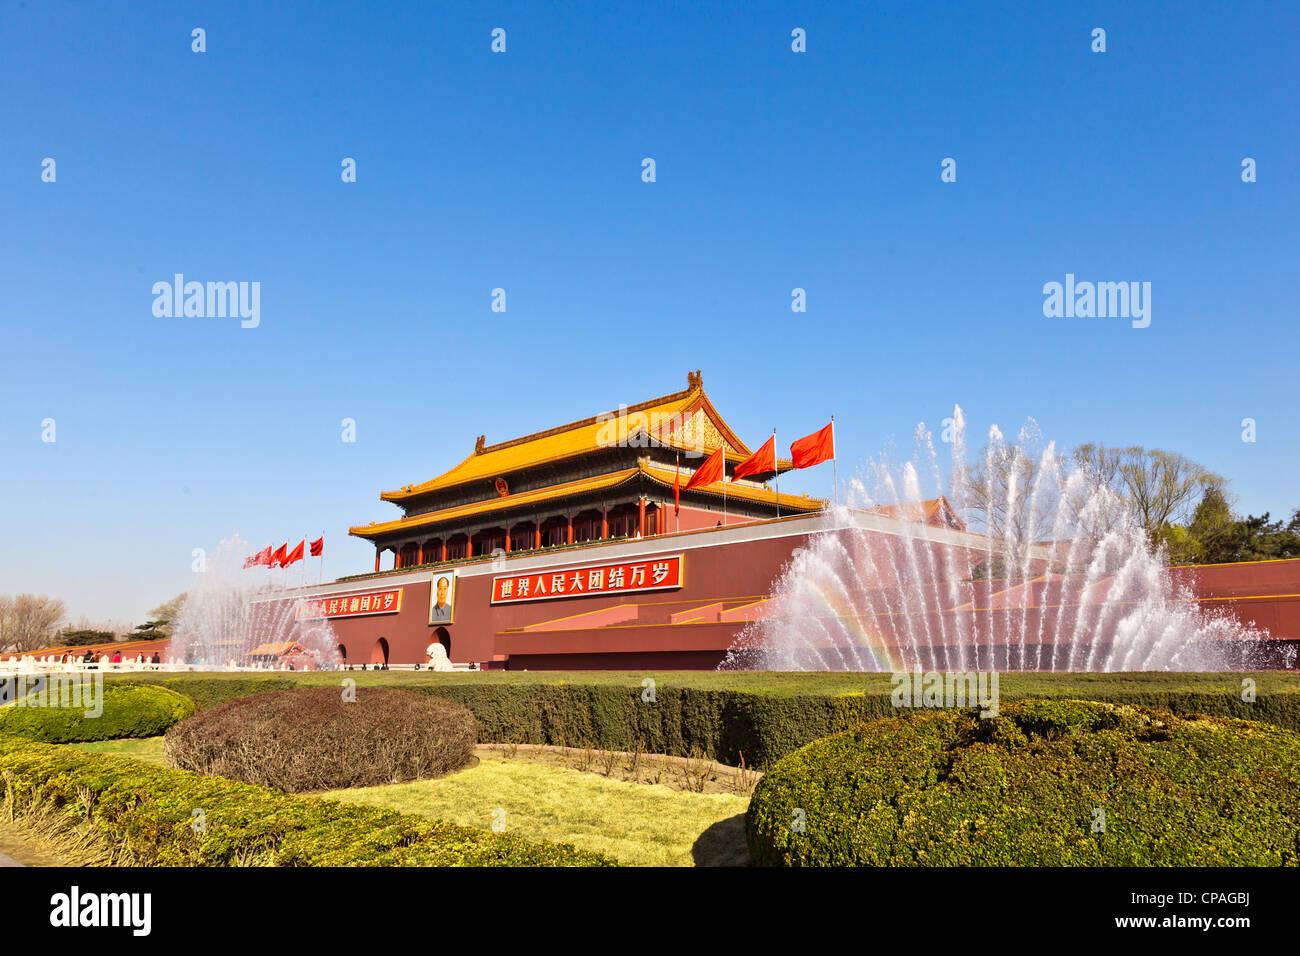 Tian'anmen, la porte de la paix céleste, au sud de la Cité Interdite à Beijing, Chine, vu par Photo Stock